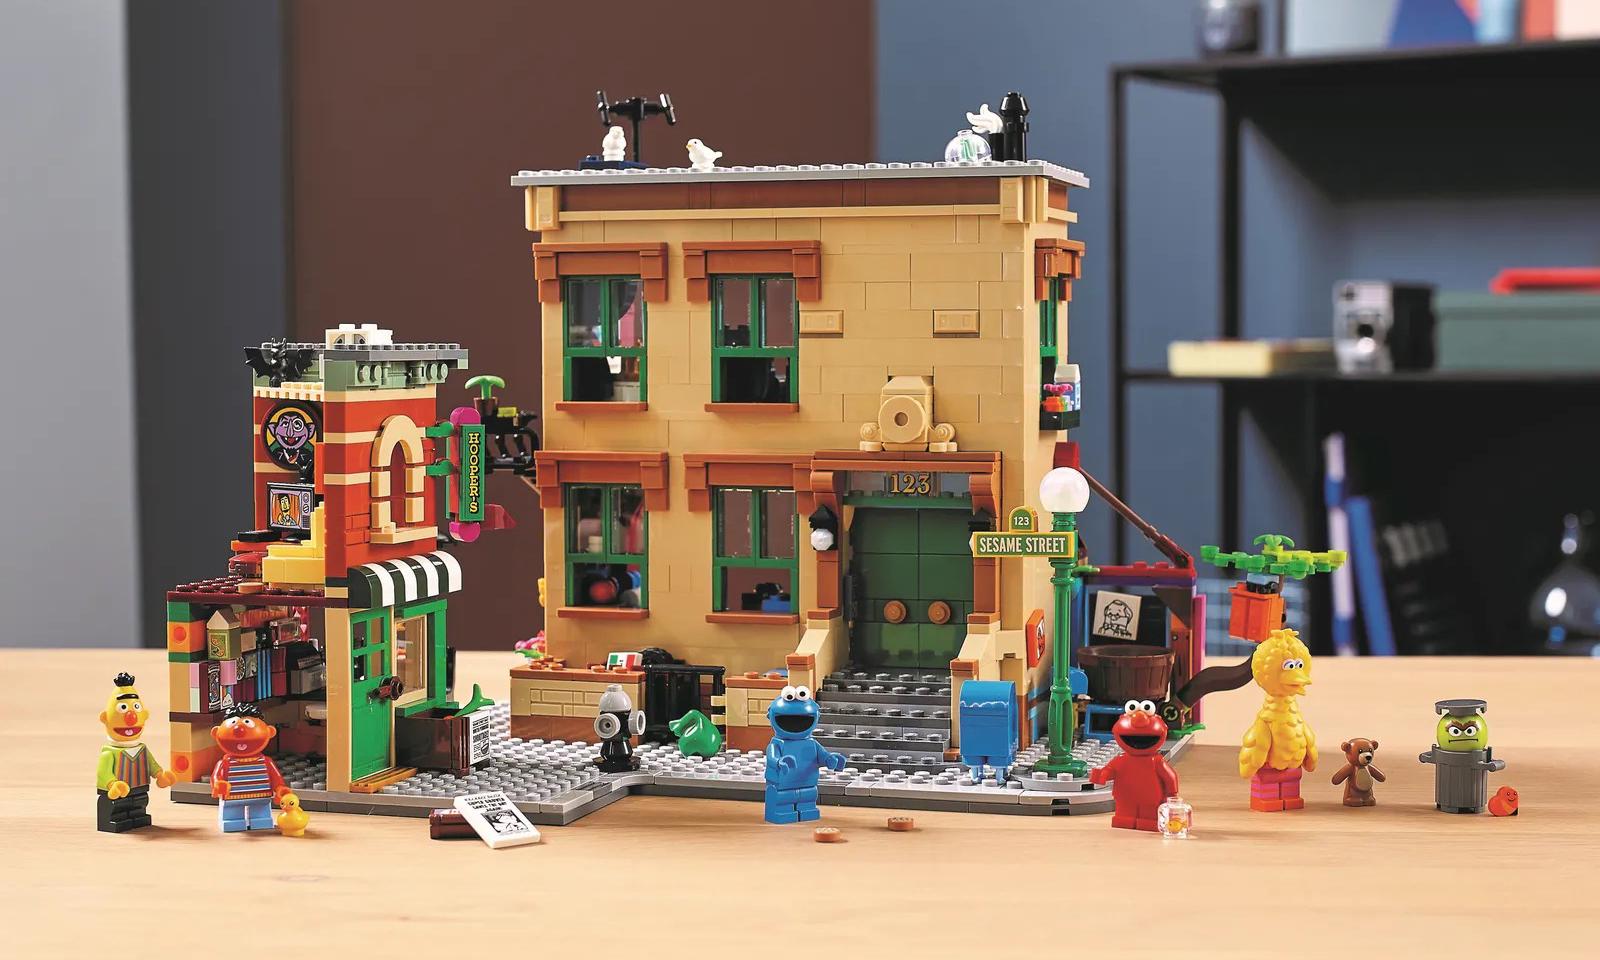 还原 123 号街景,LEGO 推出 21324《芝麻街》套组